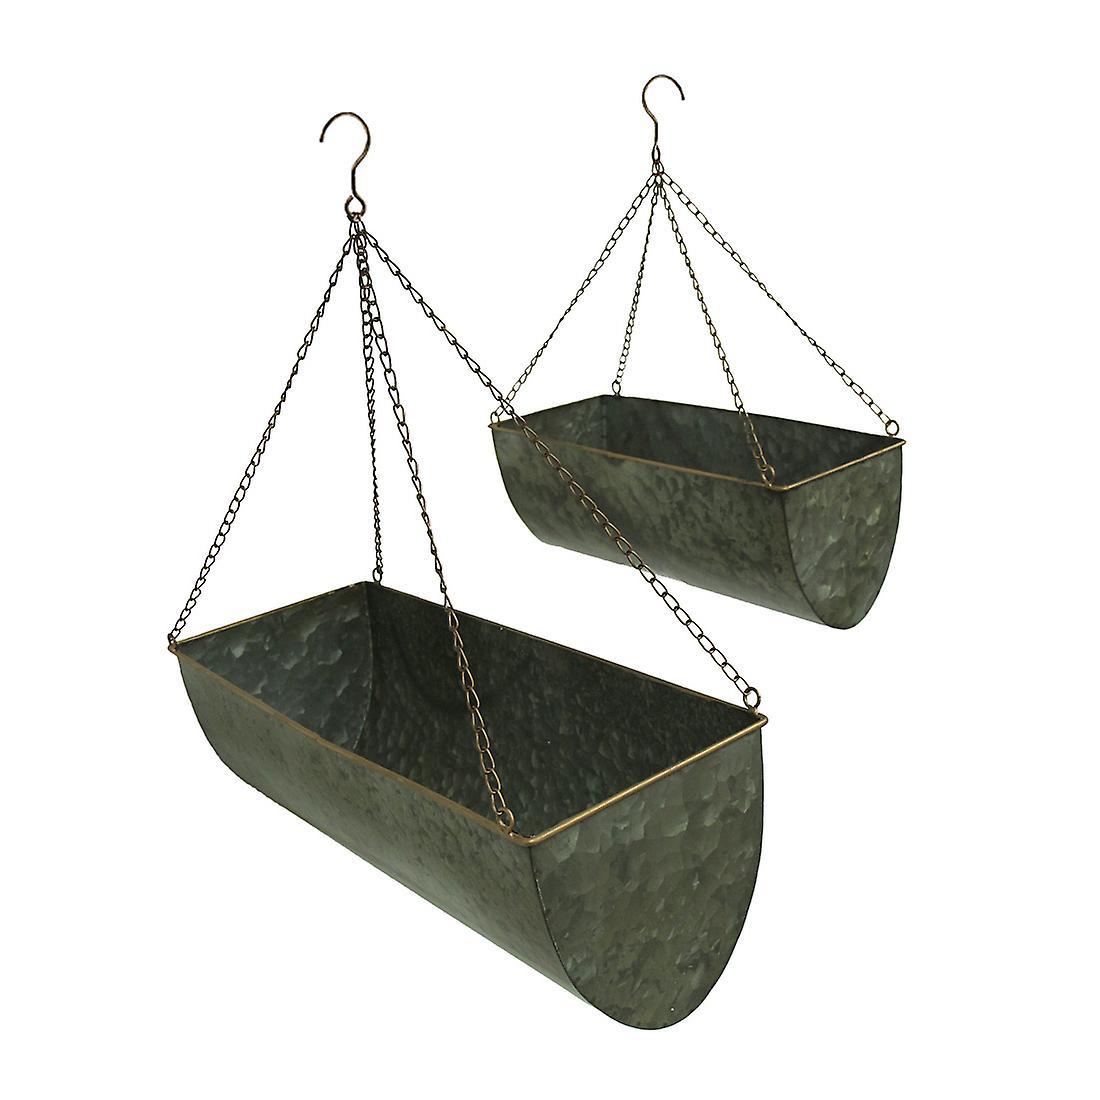 Galvanized Metal Set of 2 Indoor/Outdoor Hanging Trough Planters